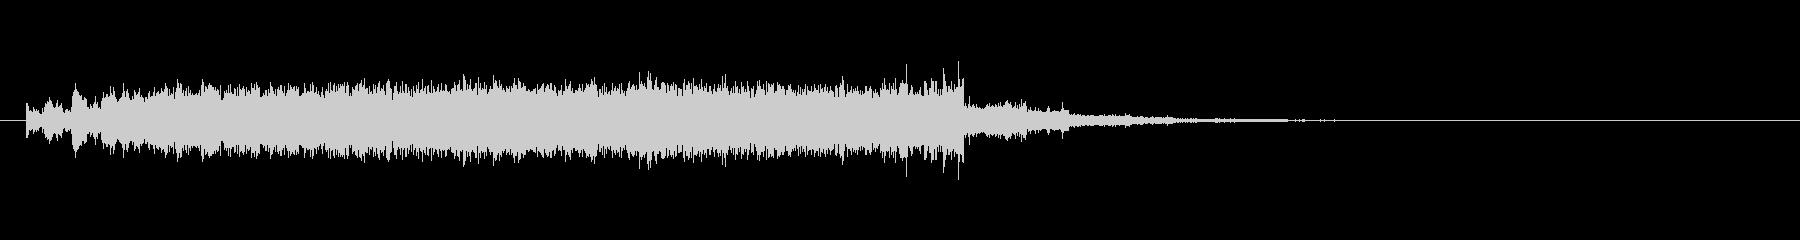 企業_エレクトロニック_ME_SE_5の未再生の波形